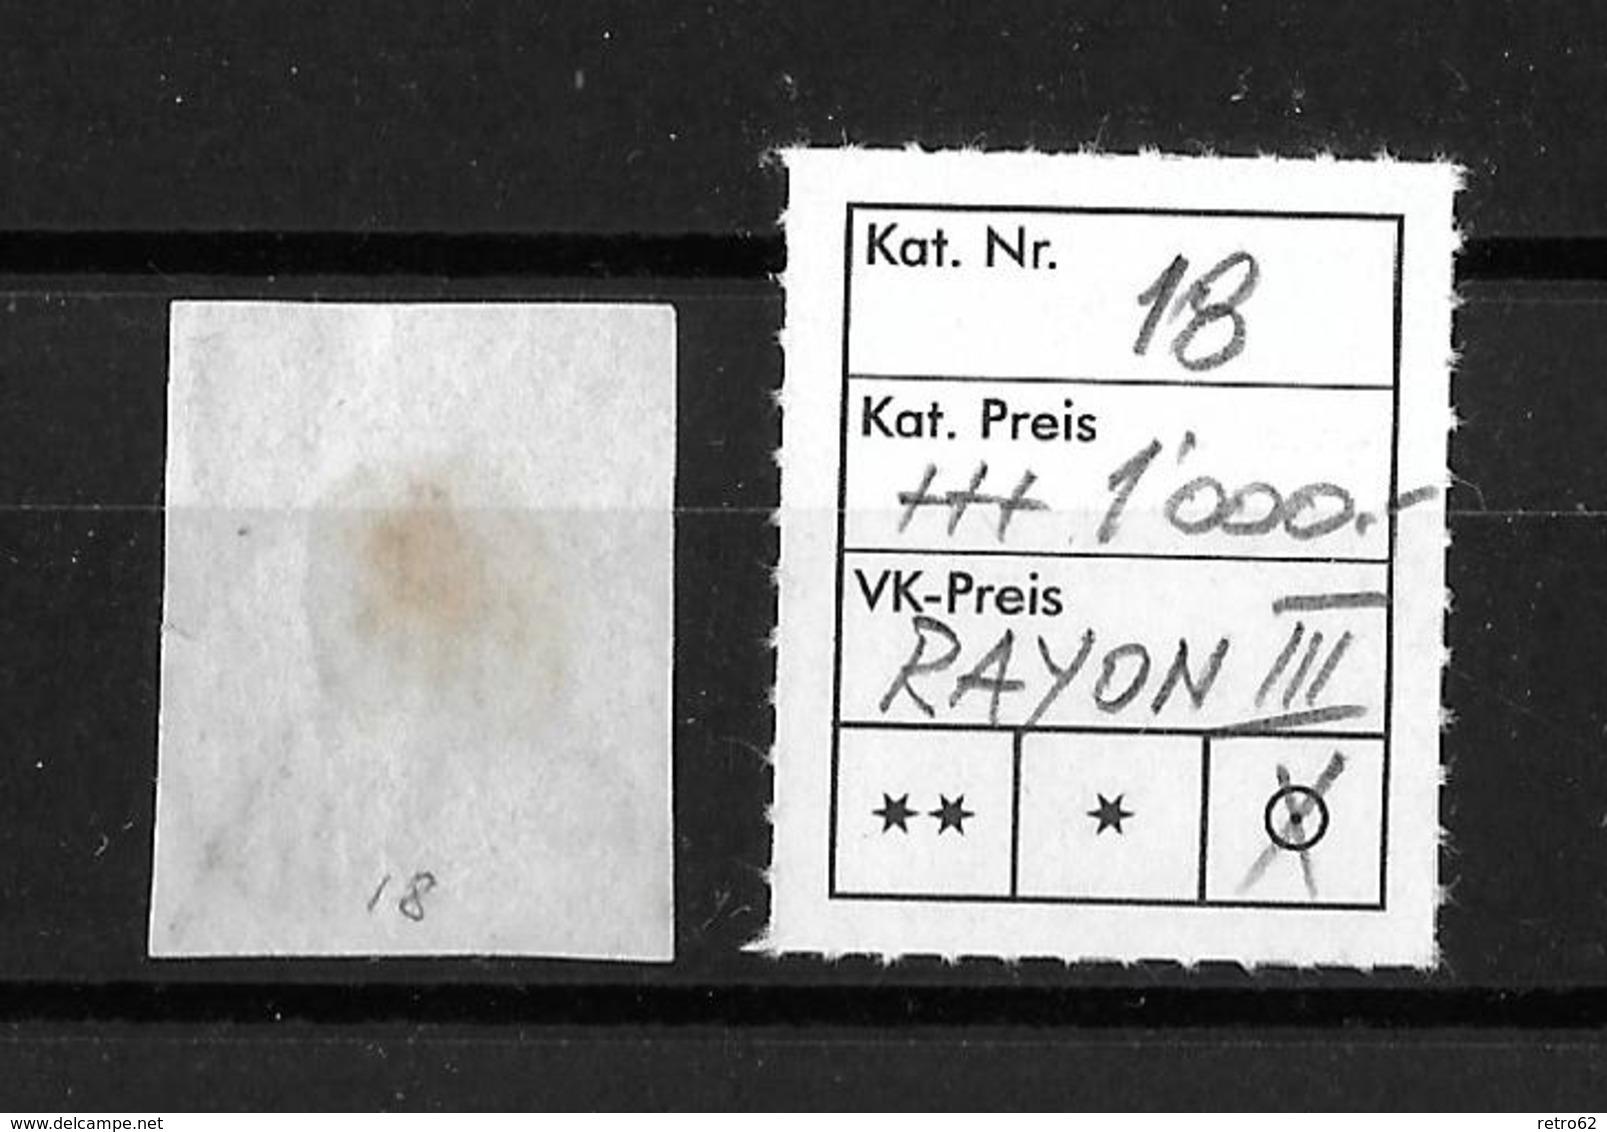 1852 RAYON III → Kleine Wertziffer SBK-18 / Guter Schnitt Mit Schwarzer Raute - 1843-1852 Kantonalmarken Und Bundesmarken